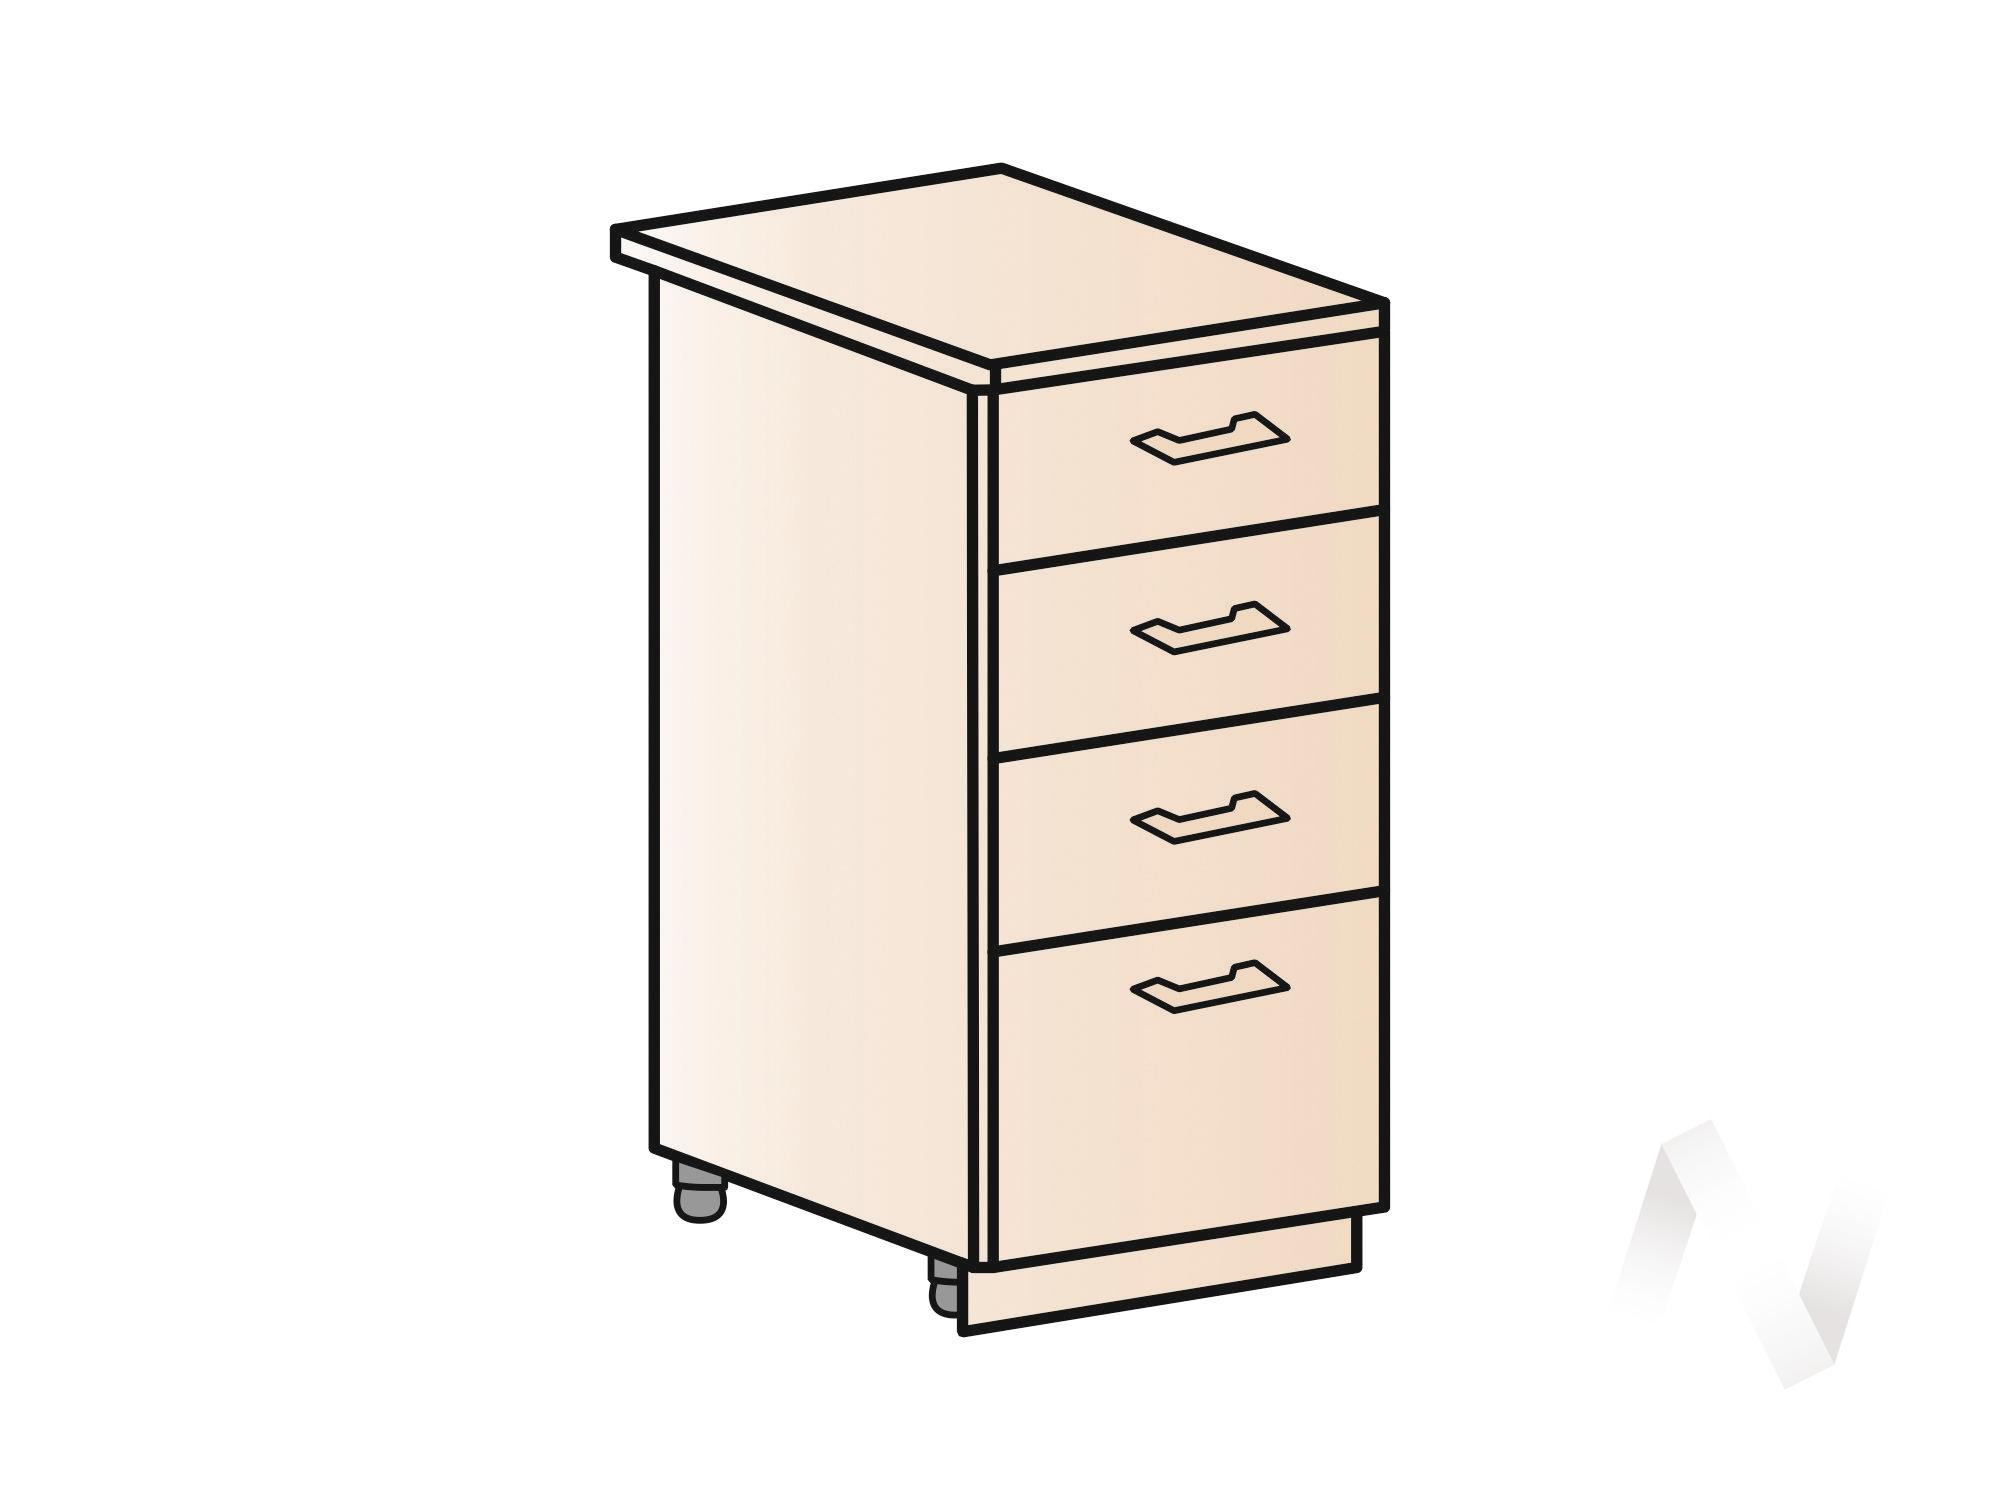 """Кухня """"Люкс"""": Шкаф нижний с 4-мя ящиками 400, ШН4Я 400 (Шелк венге/корпус белый) в Новосибирске в интернет-магазине мебели kuhnya54.ru"""